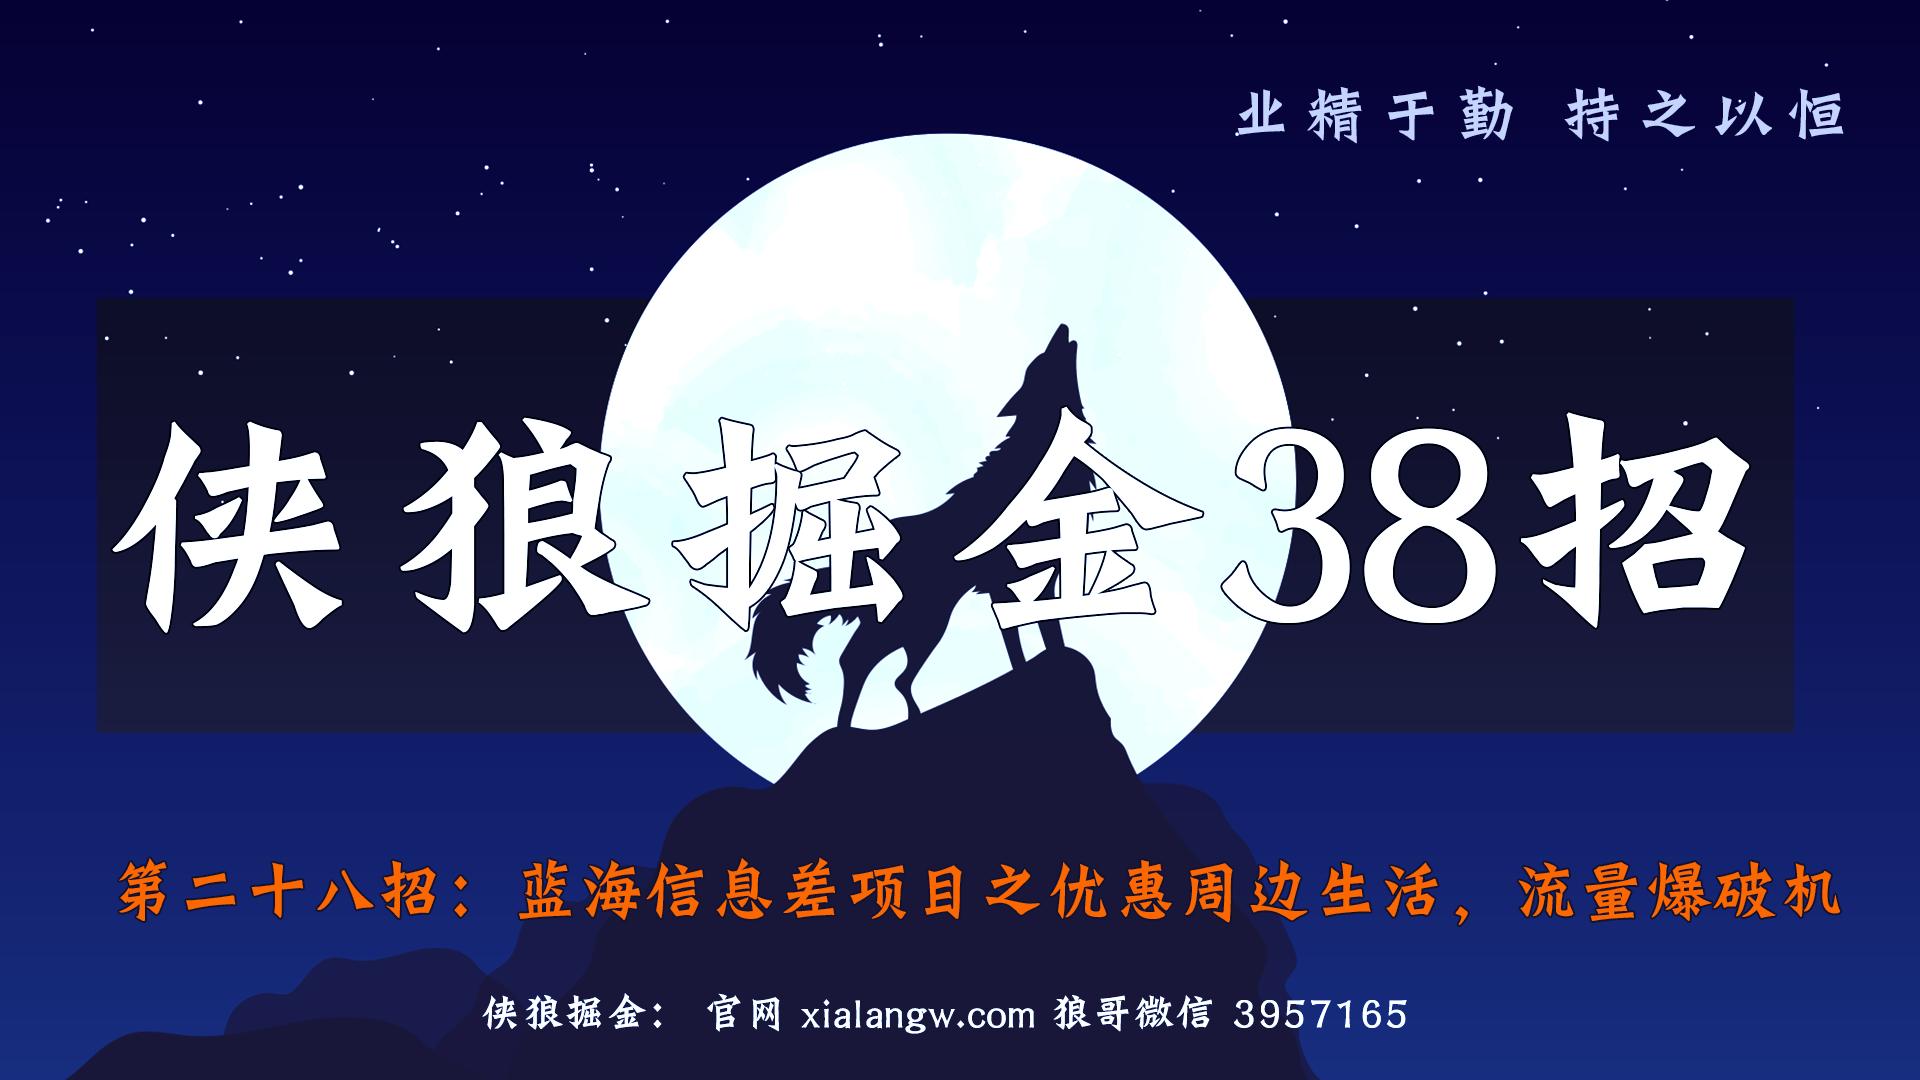 侠狼掘金38招第28招蓝海信息差项目之优惠周边生活